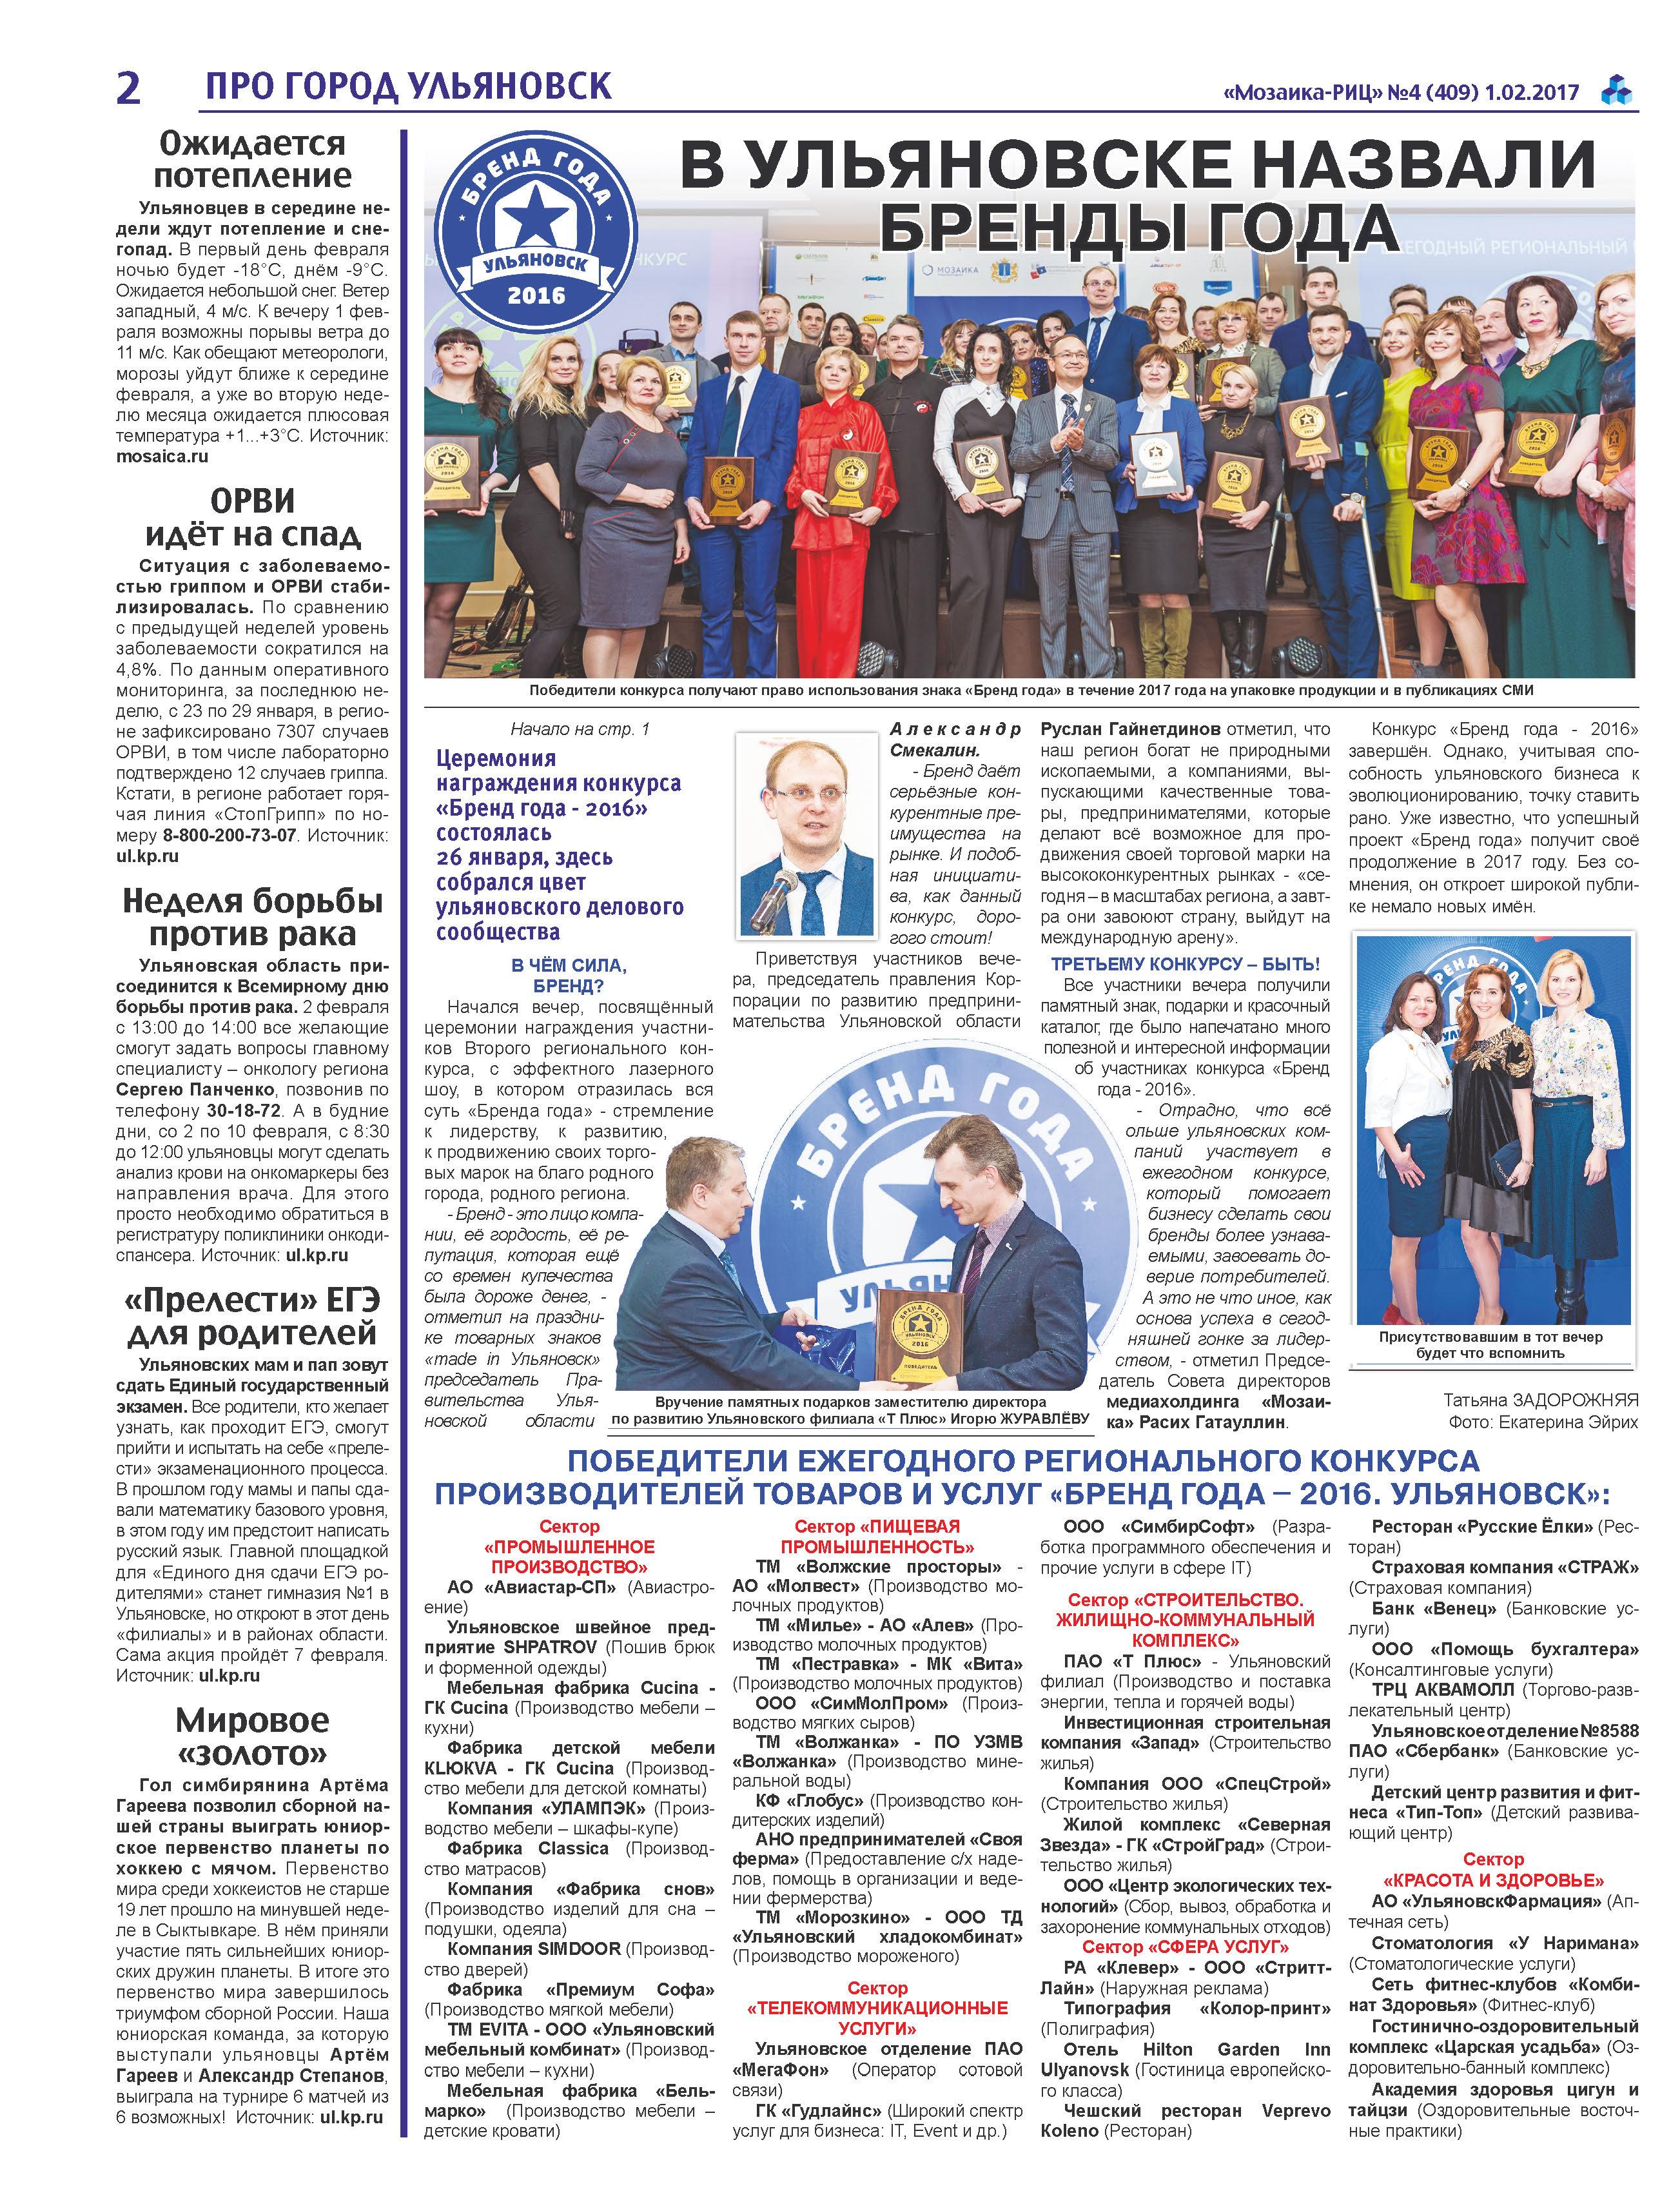 Ульяновск мозаика конкурс 2017